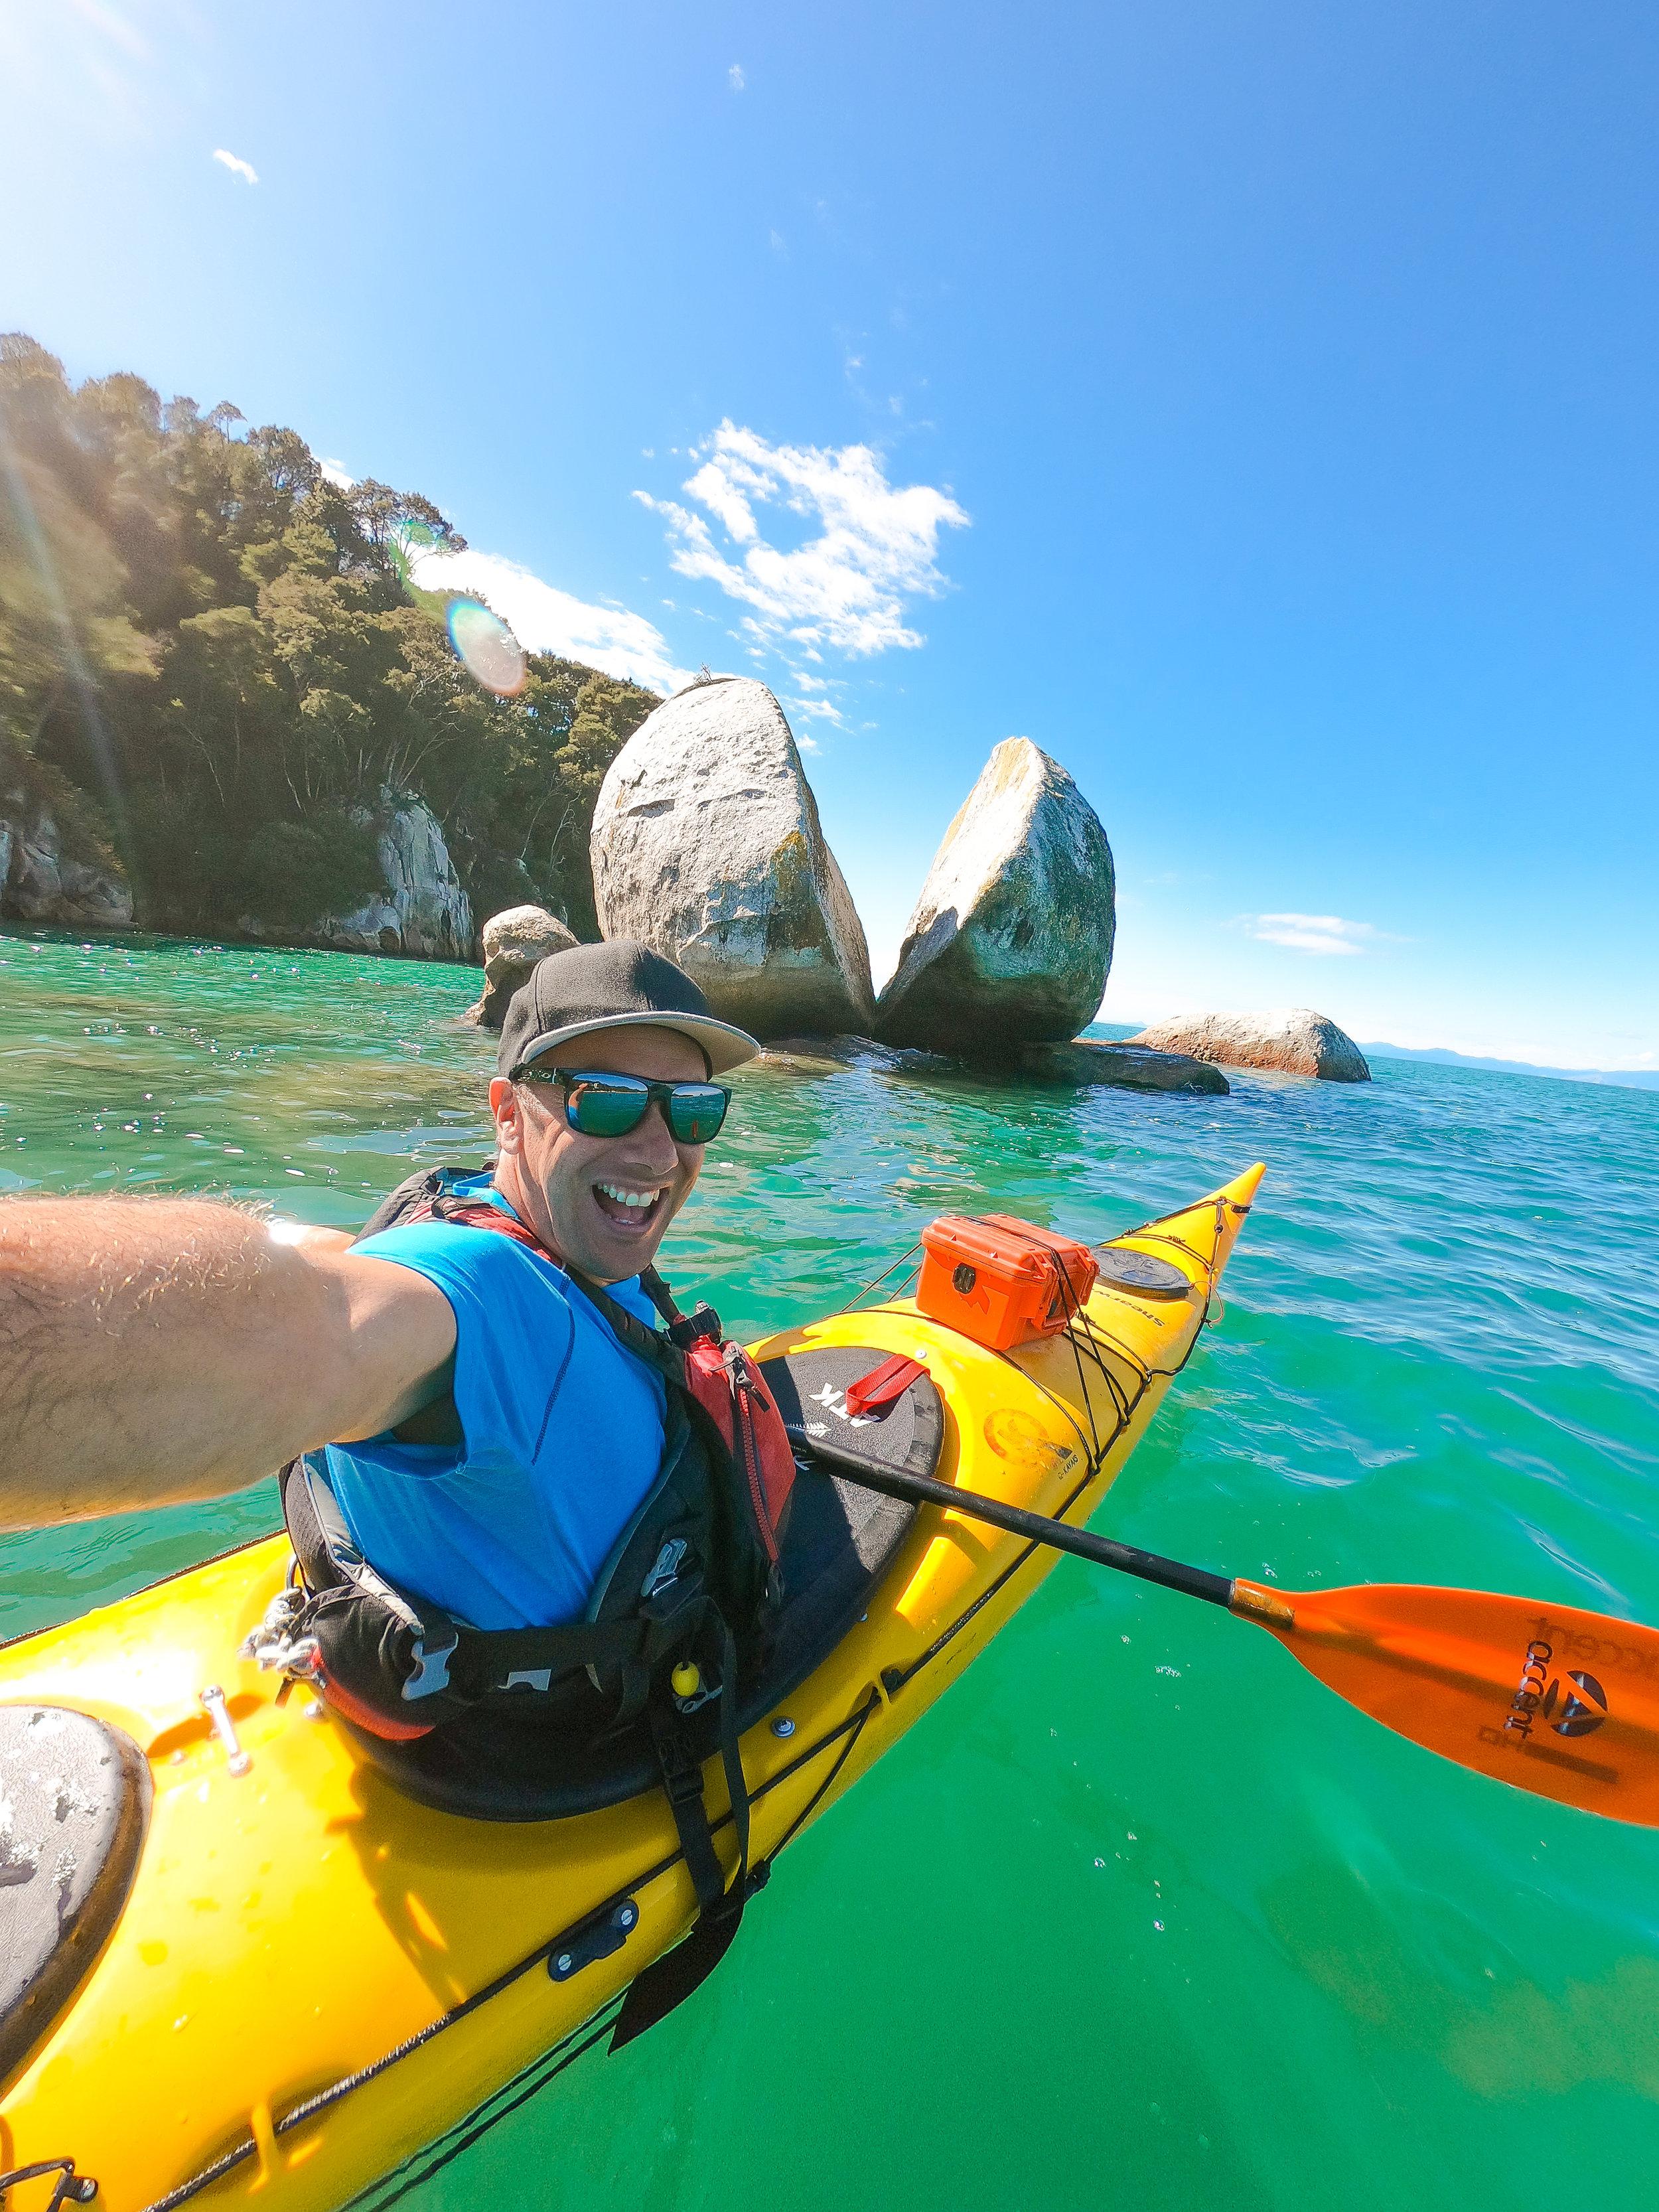 Kayak_Selfie (6 of 12).JPG